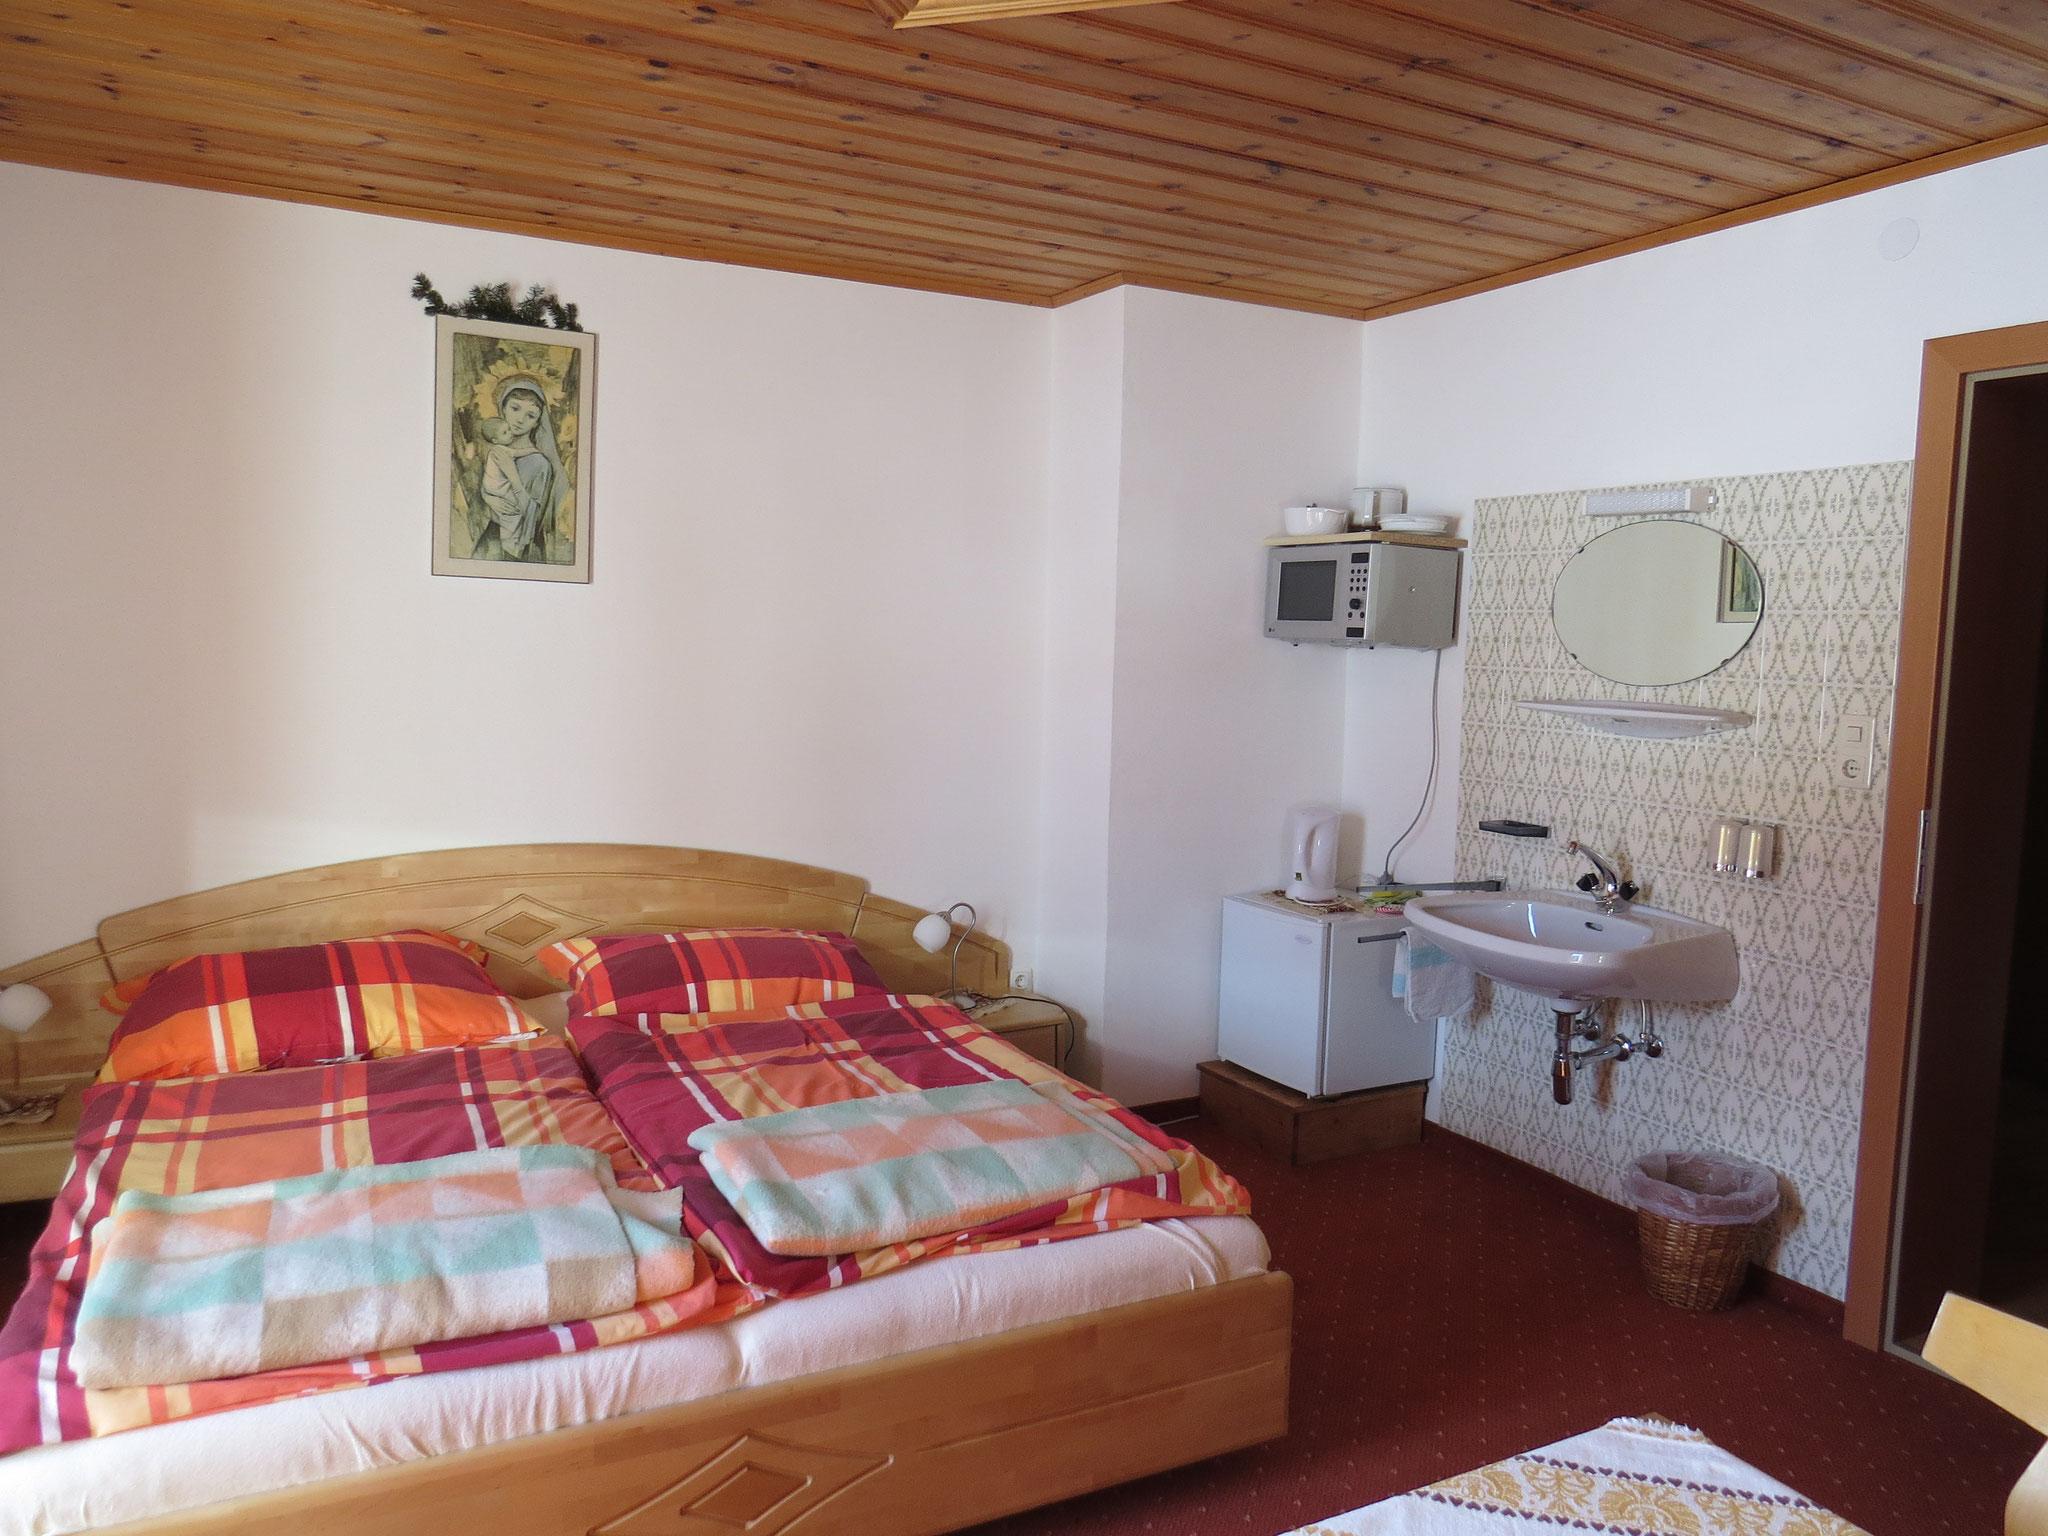 Doppelzimmer, Biohof Haus Wieser, Abtenau, Salzburg Land